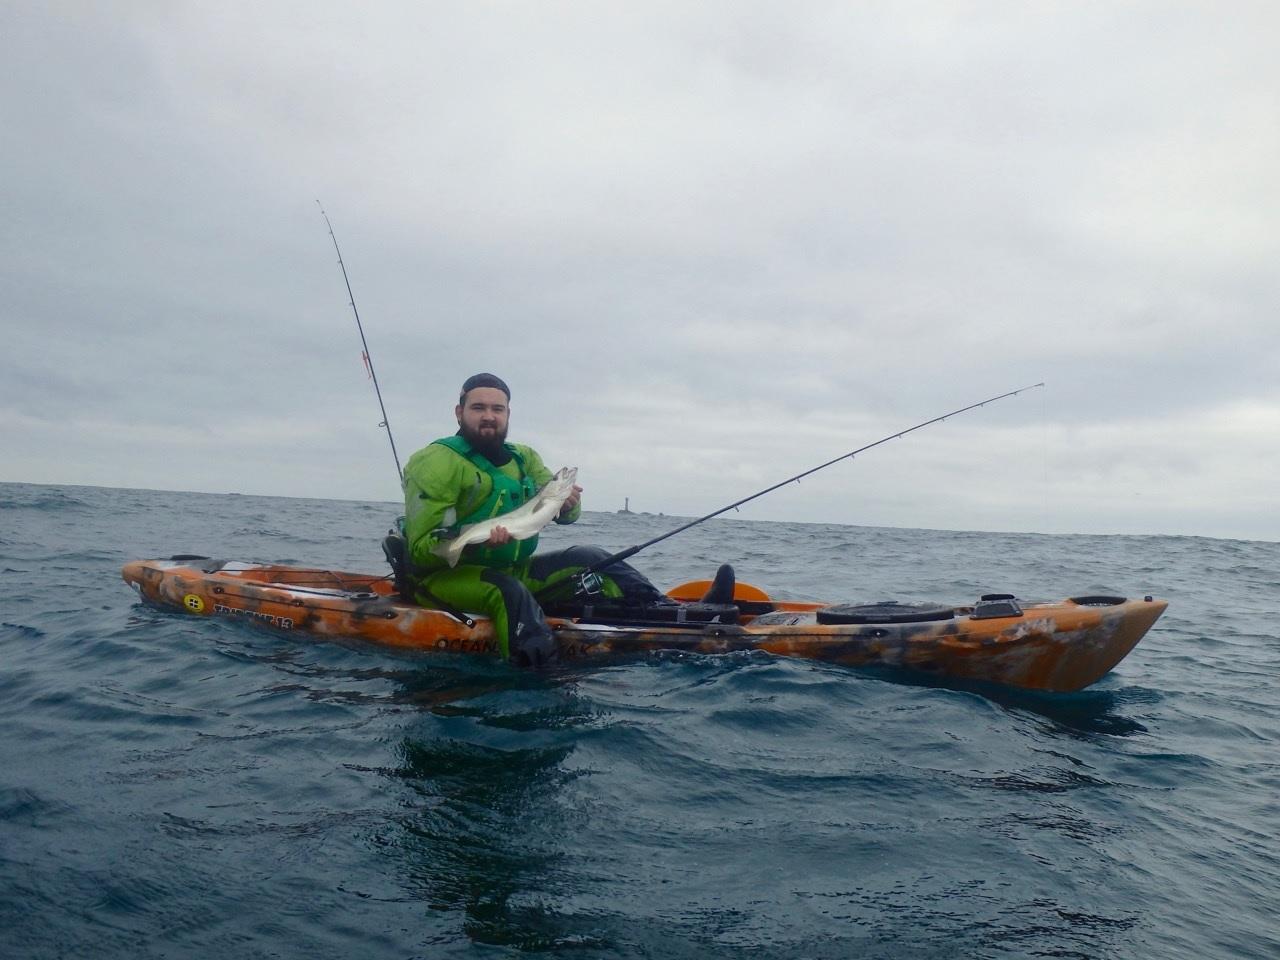 Ocean kayak trident 13 2017 sit on top kayaks for Best fishing kayak 2017